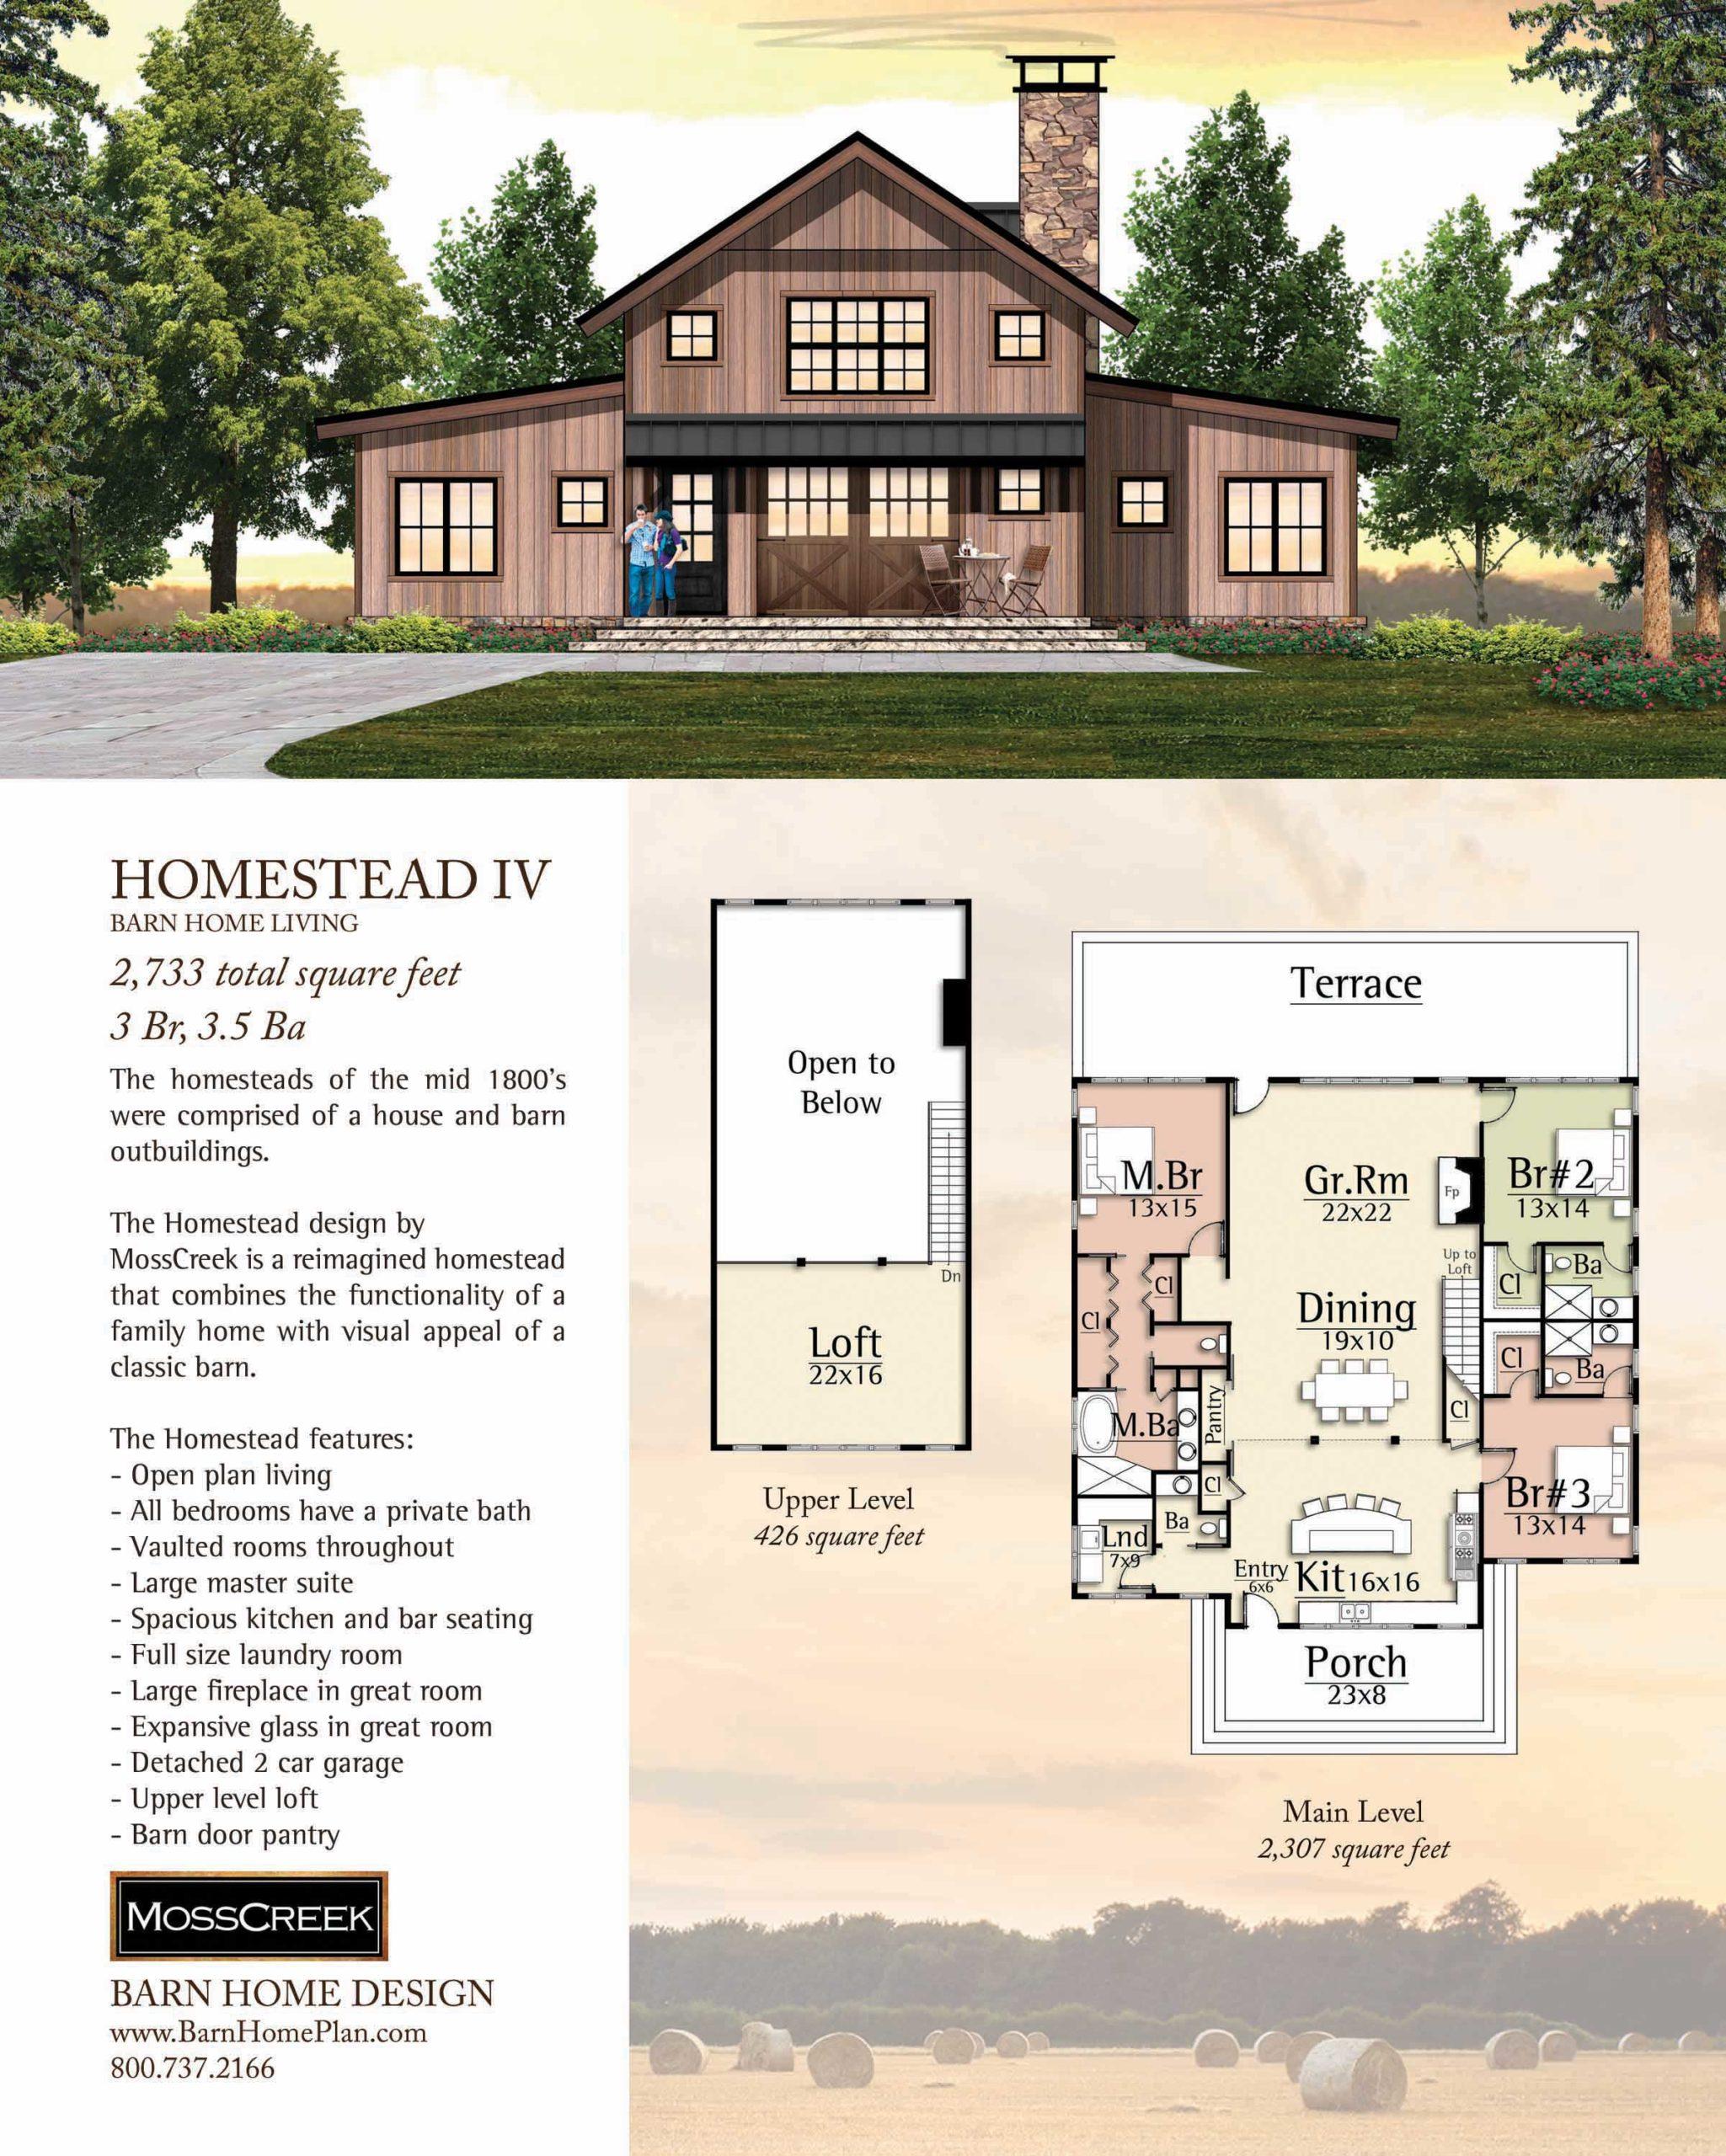 Mosscreek Homestead IV Floorplan